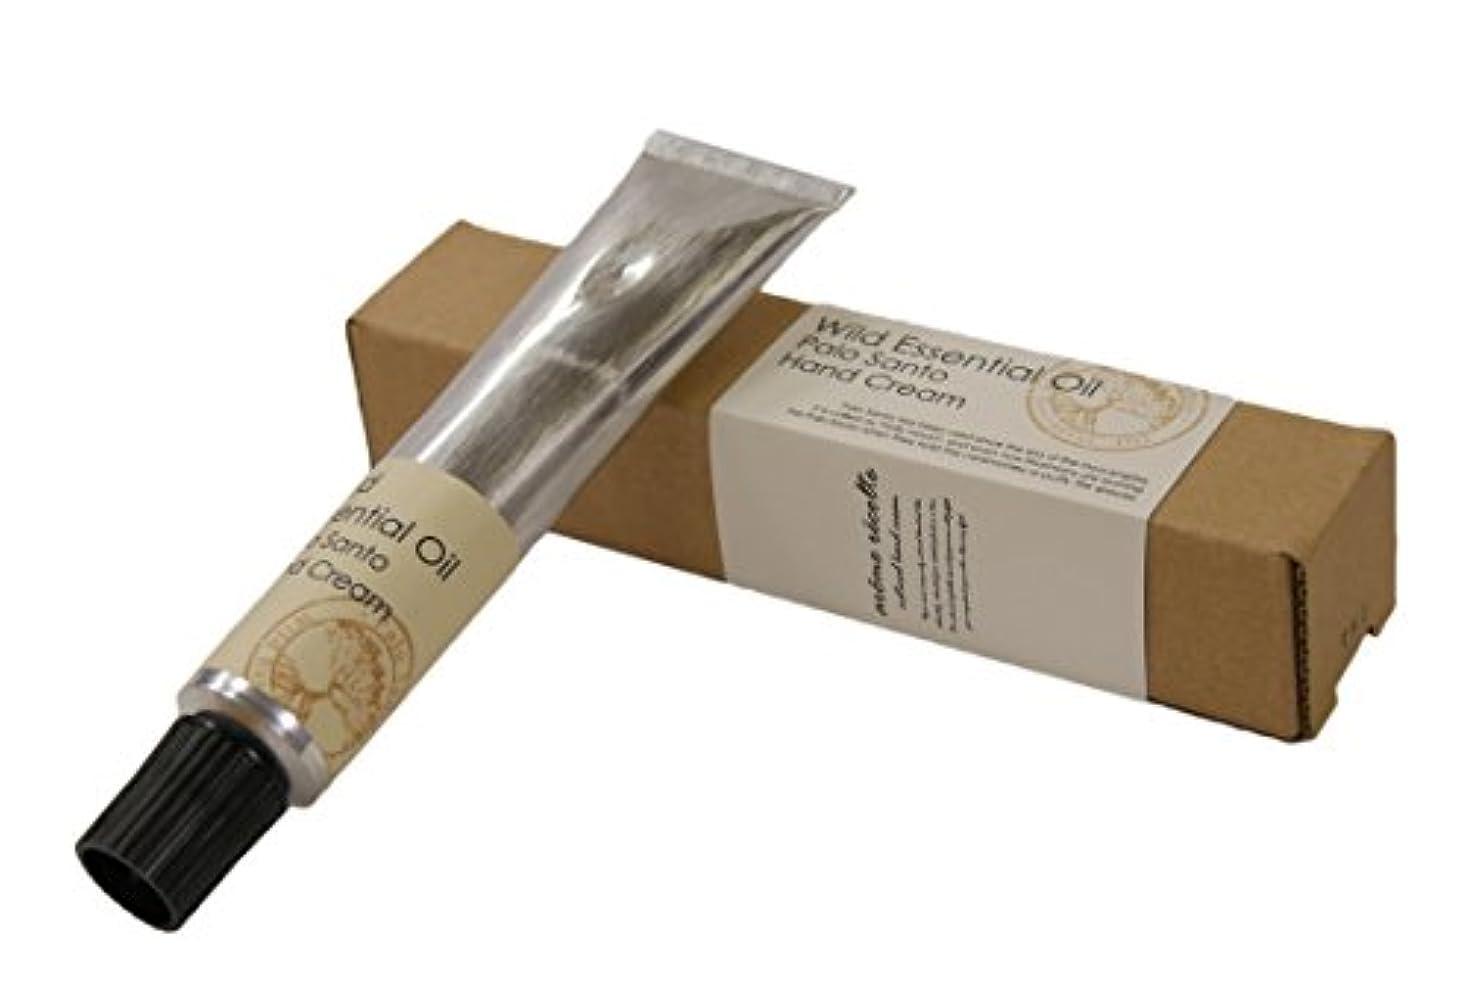 駐地不満不運アロマレコルト ハンドクリーム パロサント 【Palo Santo】 ワイルド エッセンシャルオイル wild essential oil hand cream arome recolte